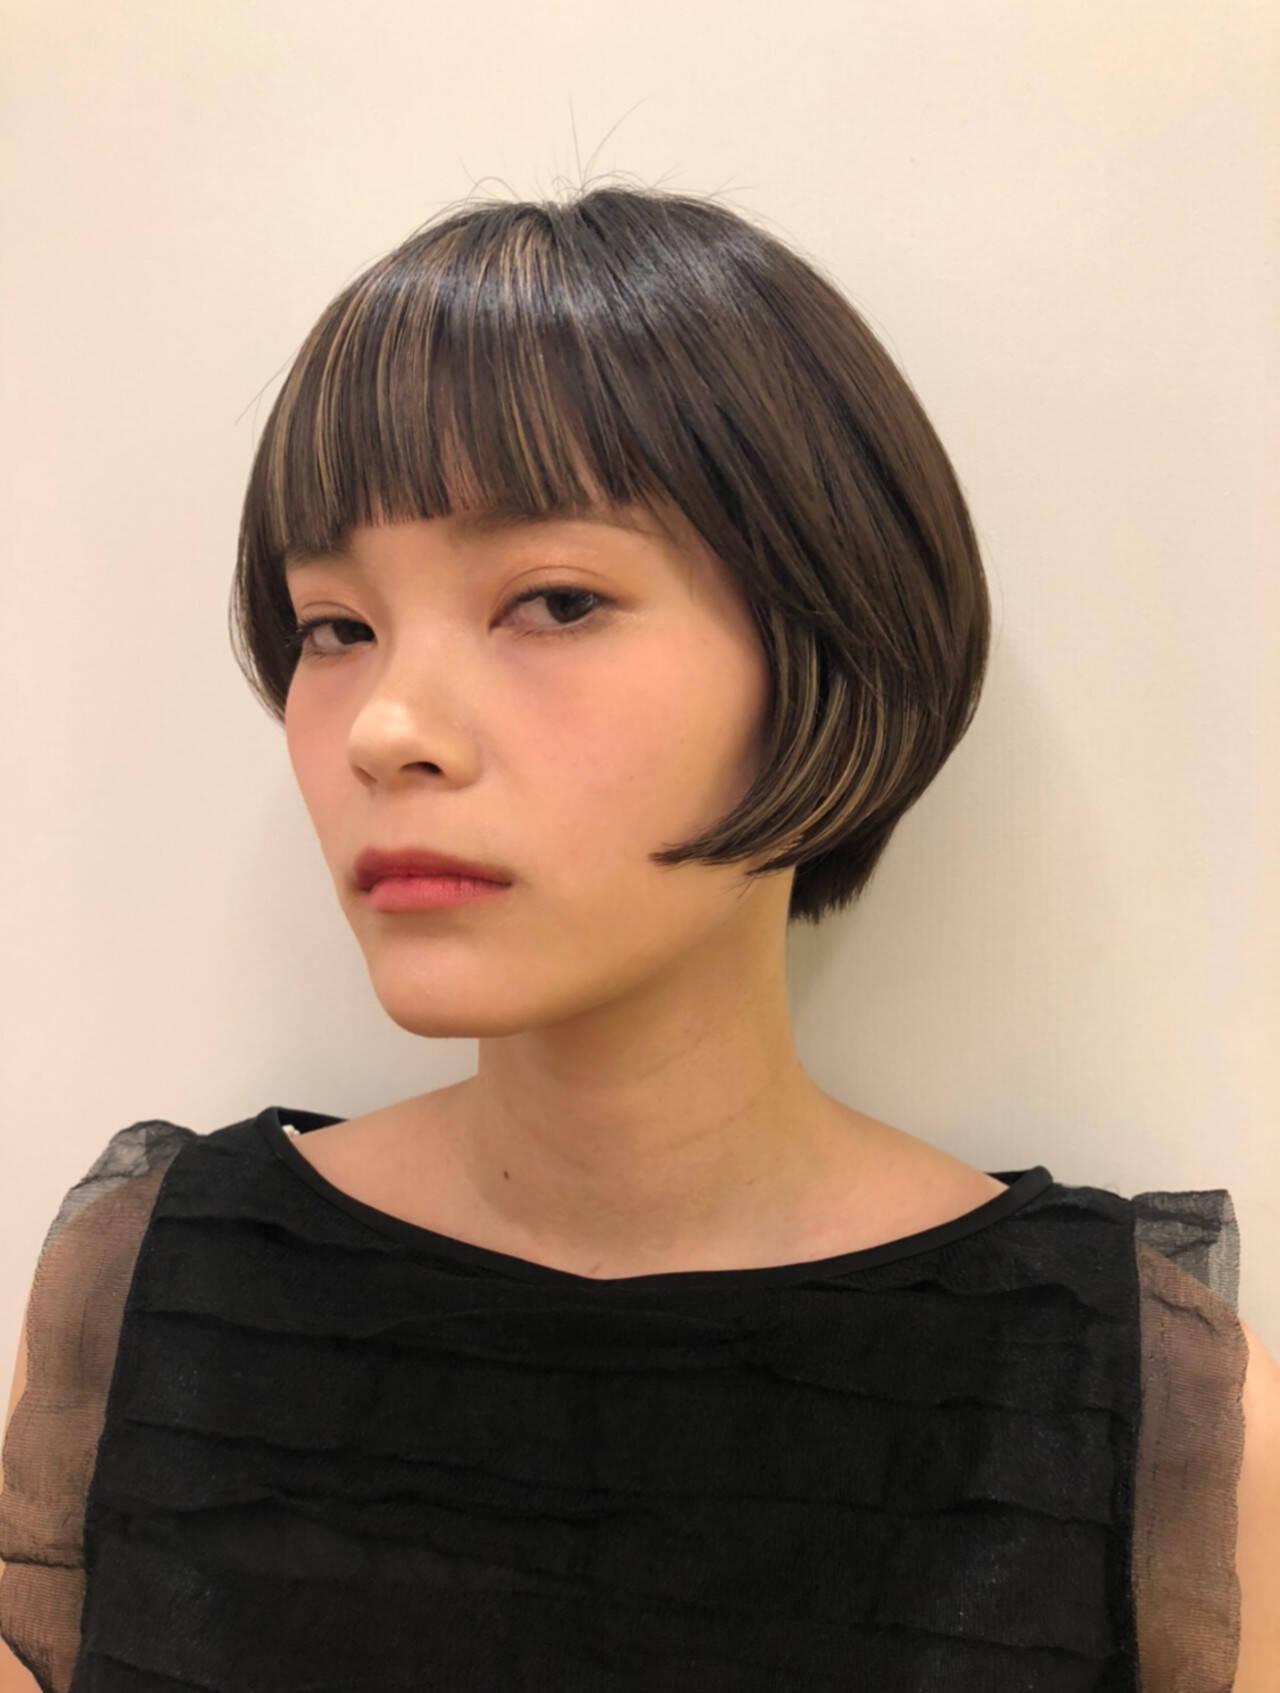 モード ショートボブ ショートヘア インナーカラーヘアスタイルや髪型の写真・画像